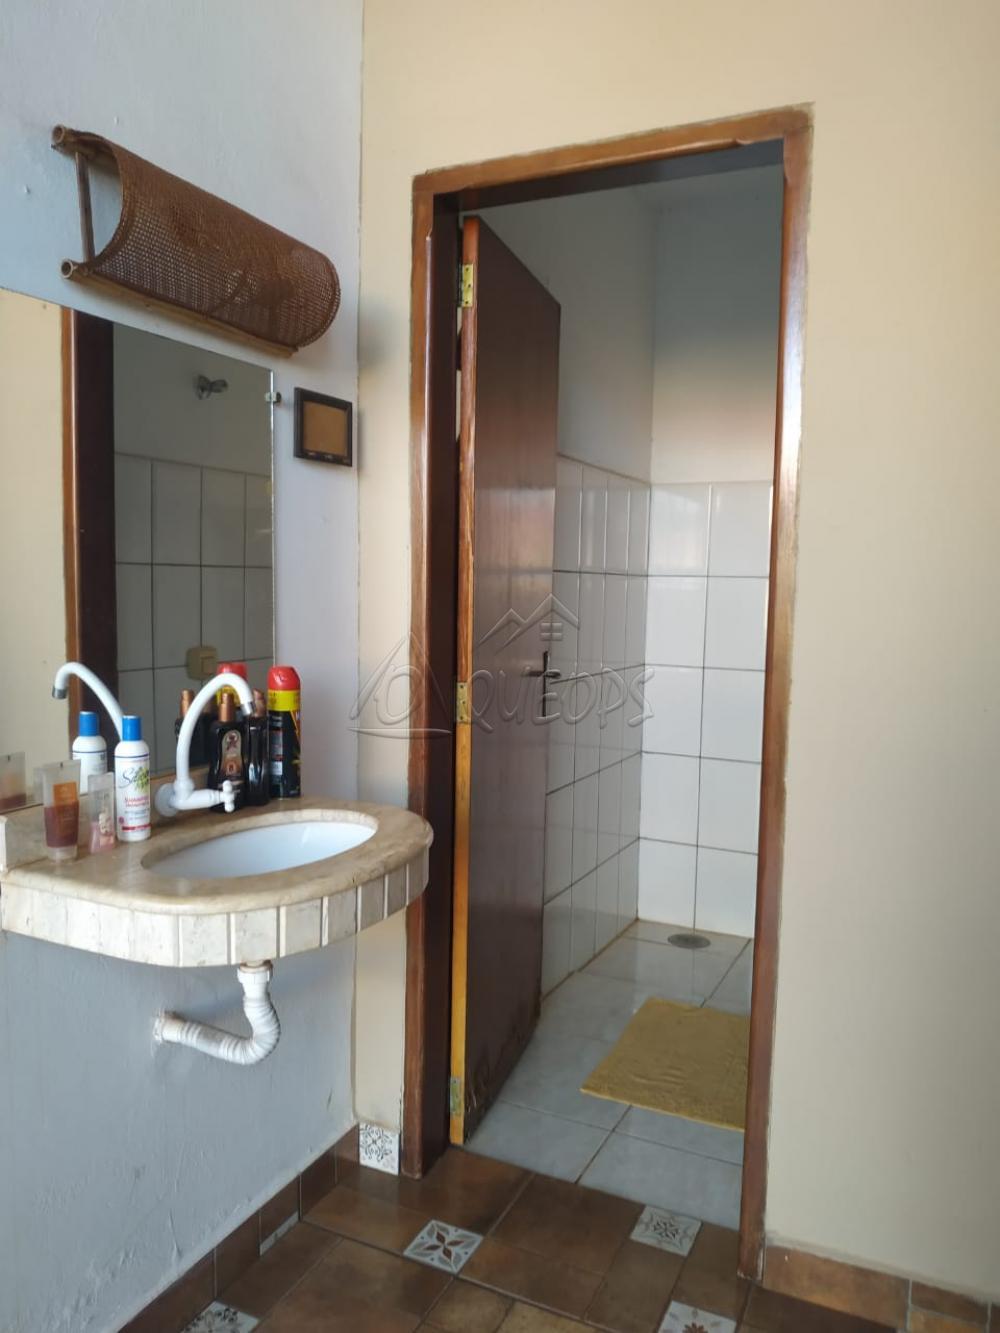 Comprar Casa / Padrão em Barretos apenas R$ 770.000,00 - Foto 21